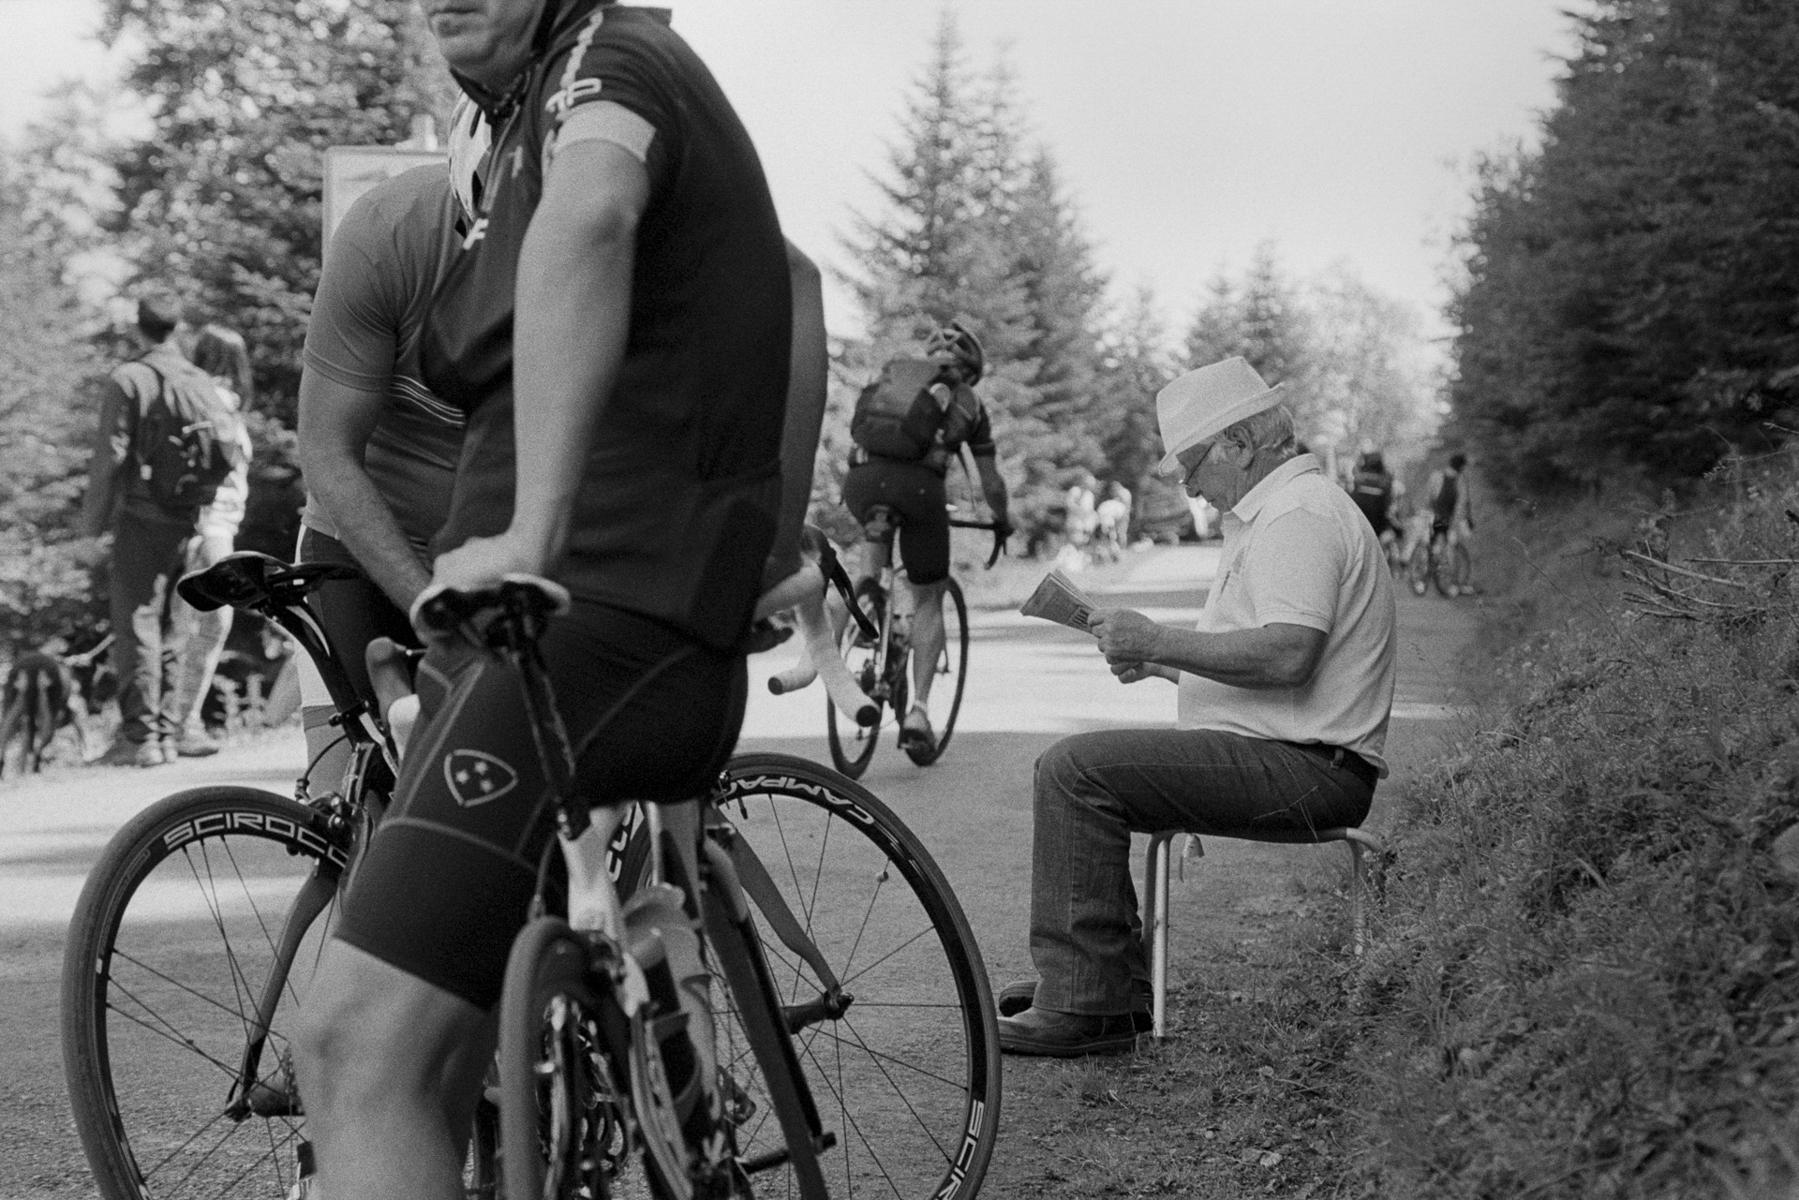 Le Tour de France 2014 Taking a rest - each to his own. Petite pause - chacun à sa manière. Kleine Pause – jeder nach seiner Fasson. Pequeño descanso - cada uno a su manera.